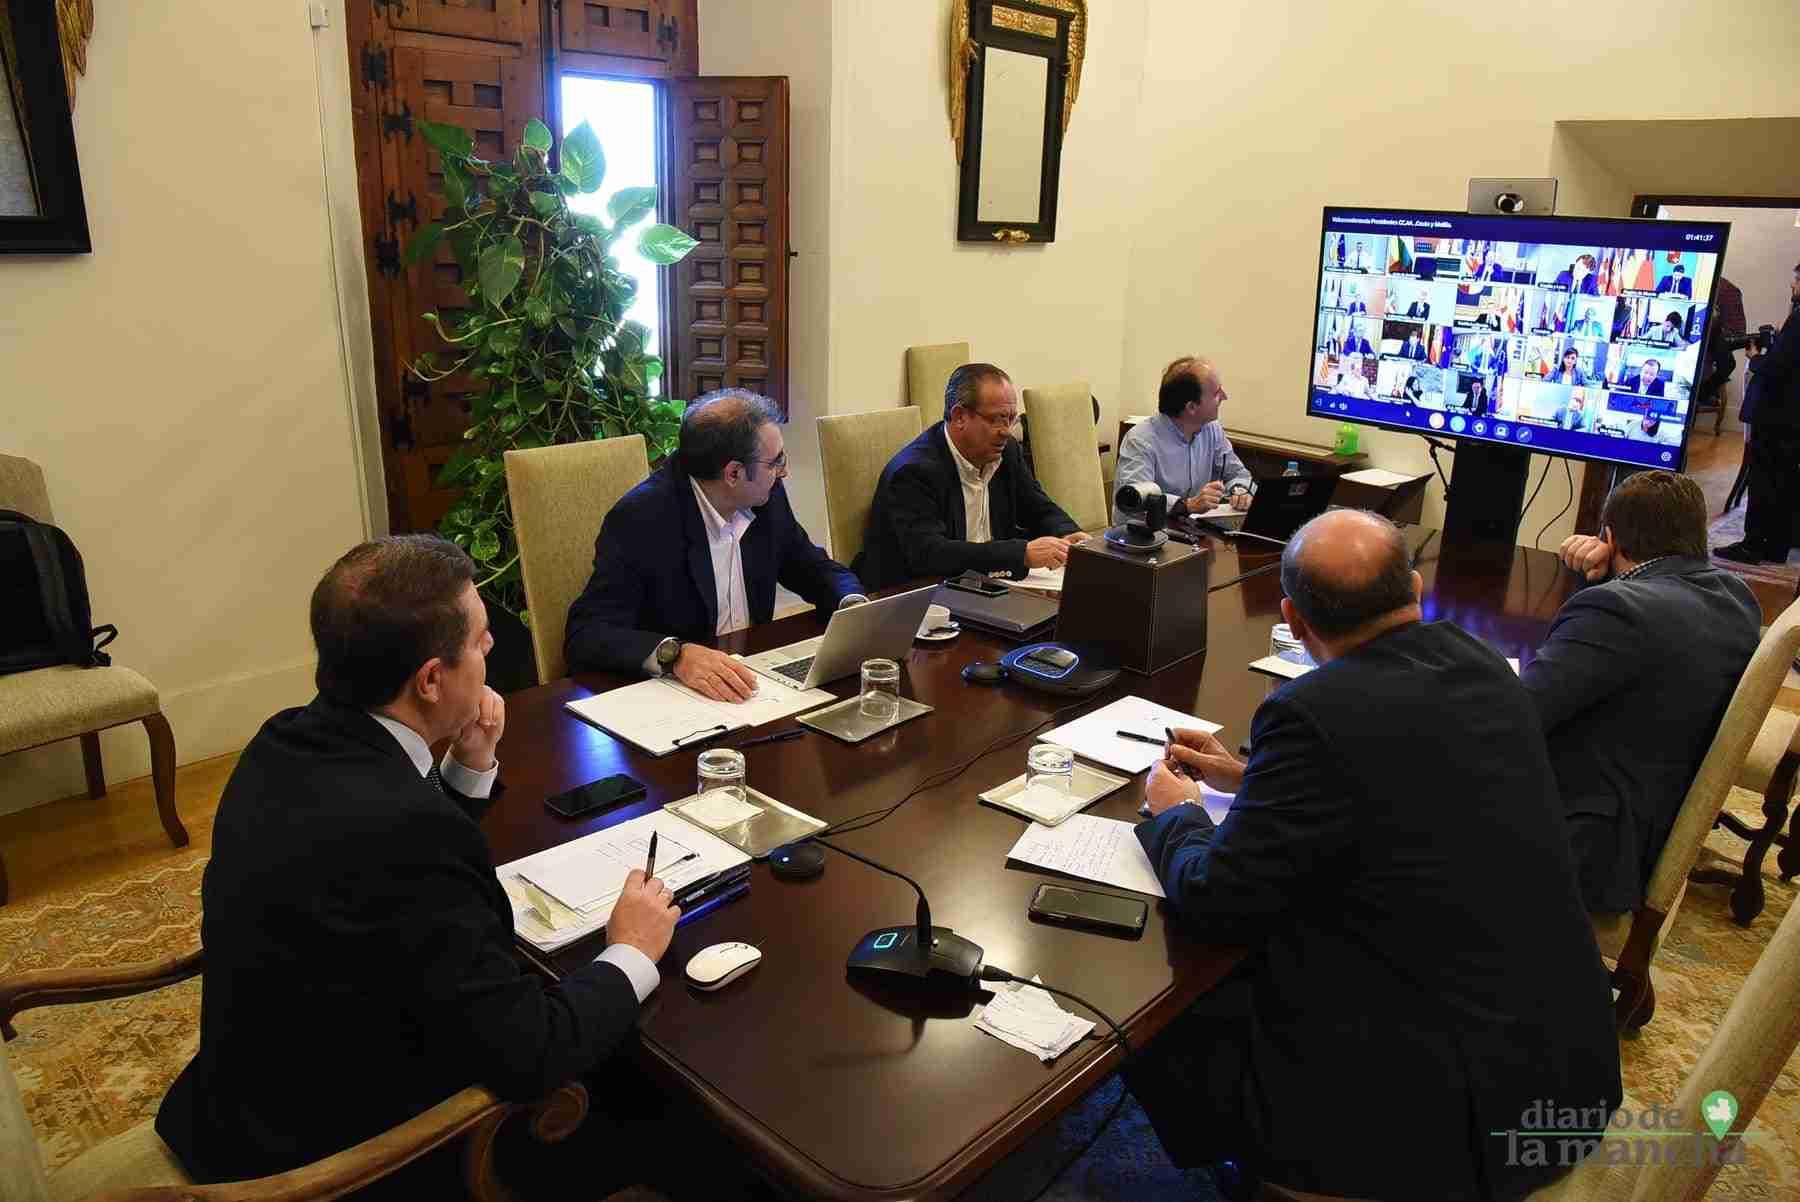 Videoconferencia de los presidentes autonómicos con el presidente del Gobierno de España 22